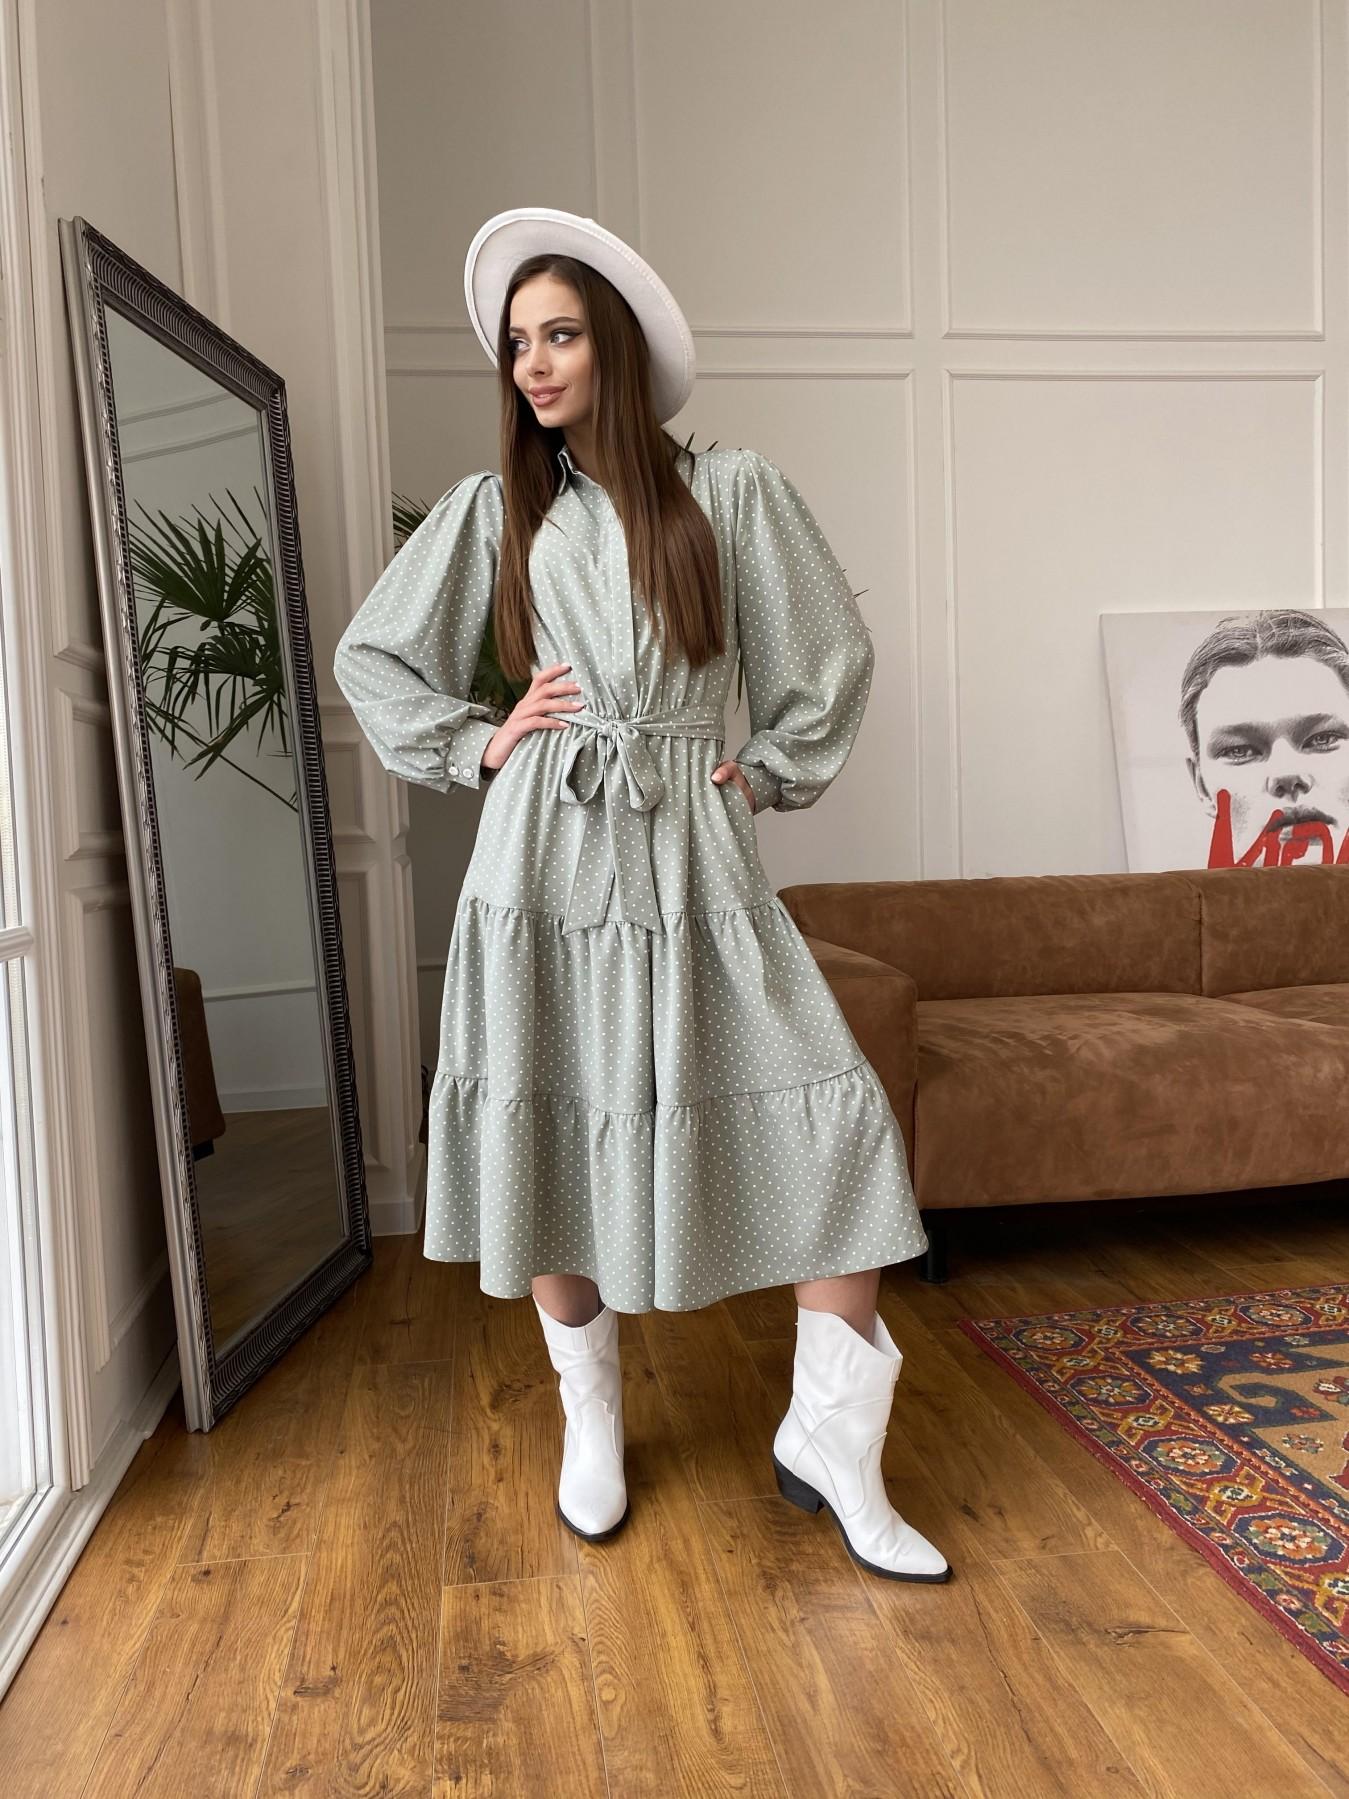 Лилия платье из софта с принтом 11108 АРТ. 47589 Цвет: Олива/ГорохБелыйМелк - фото 4, интернет магазин tm-modus.ru